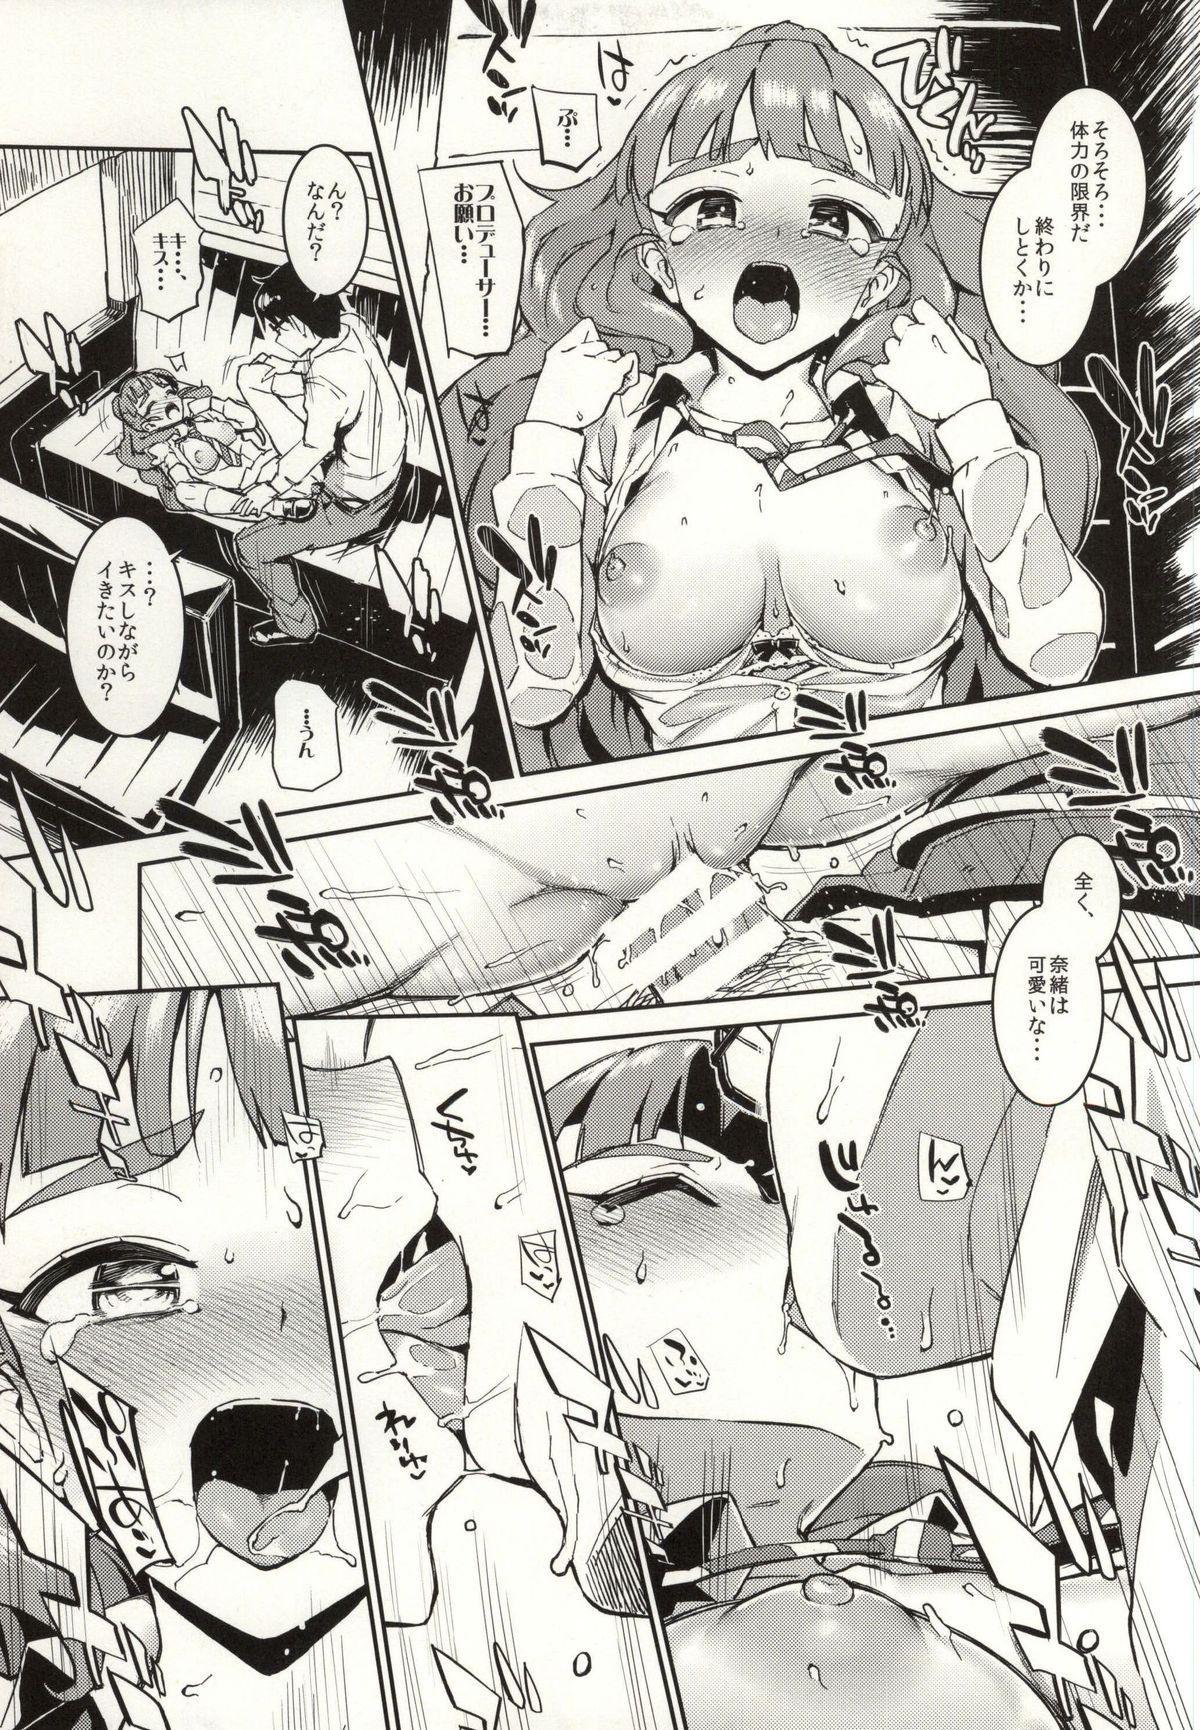 Nao-chan to Asedaku de Suru Hon 15